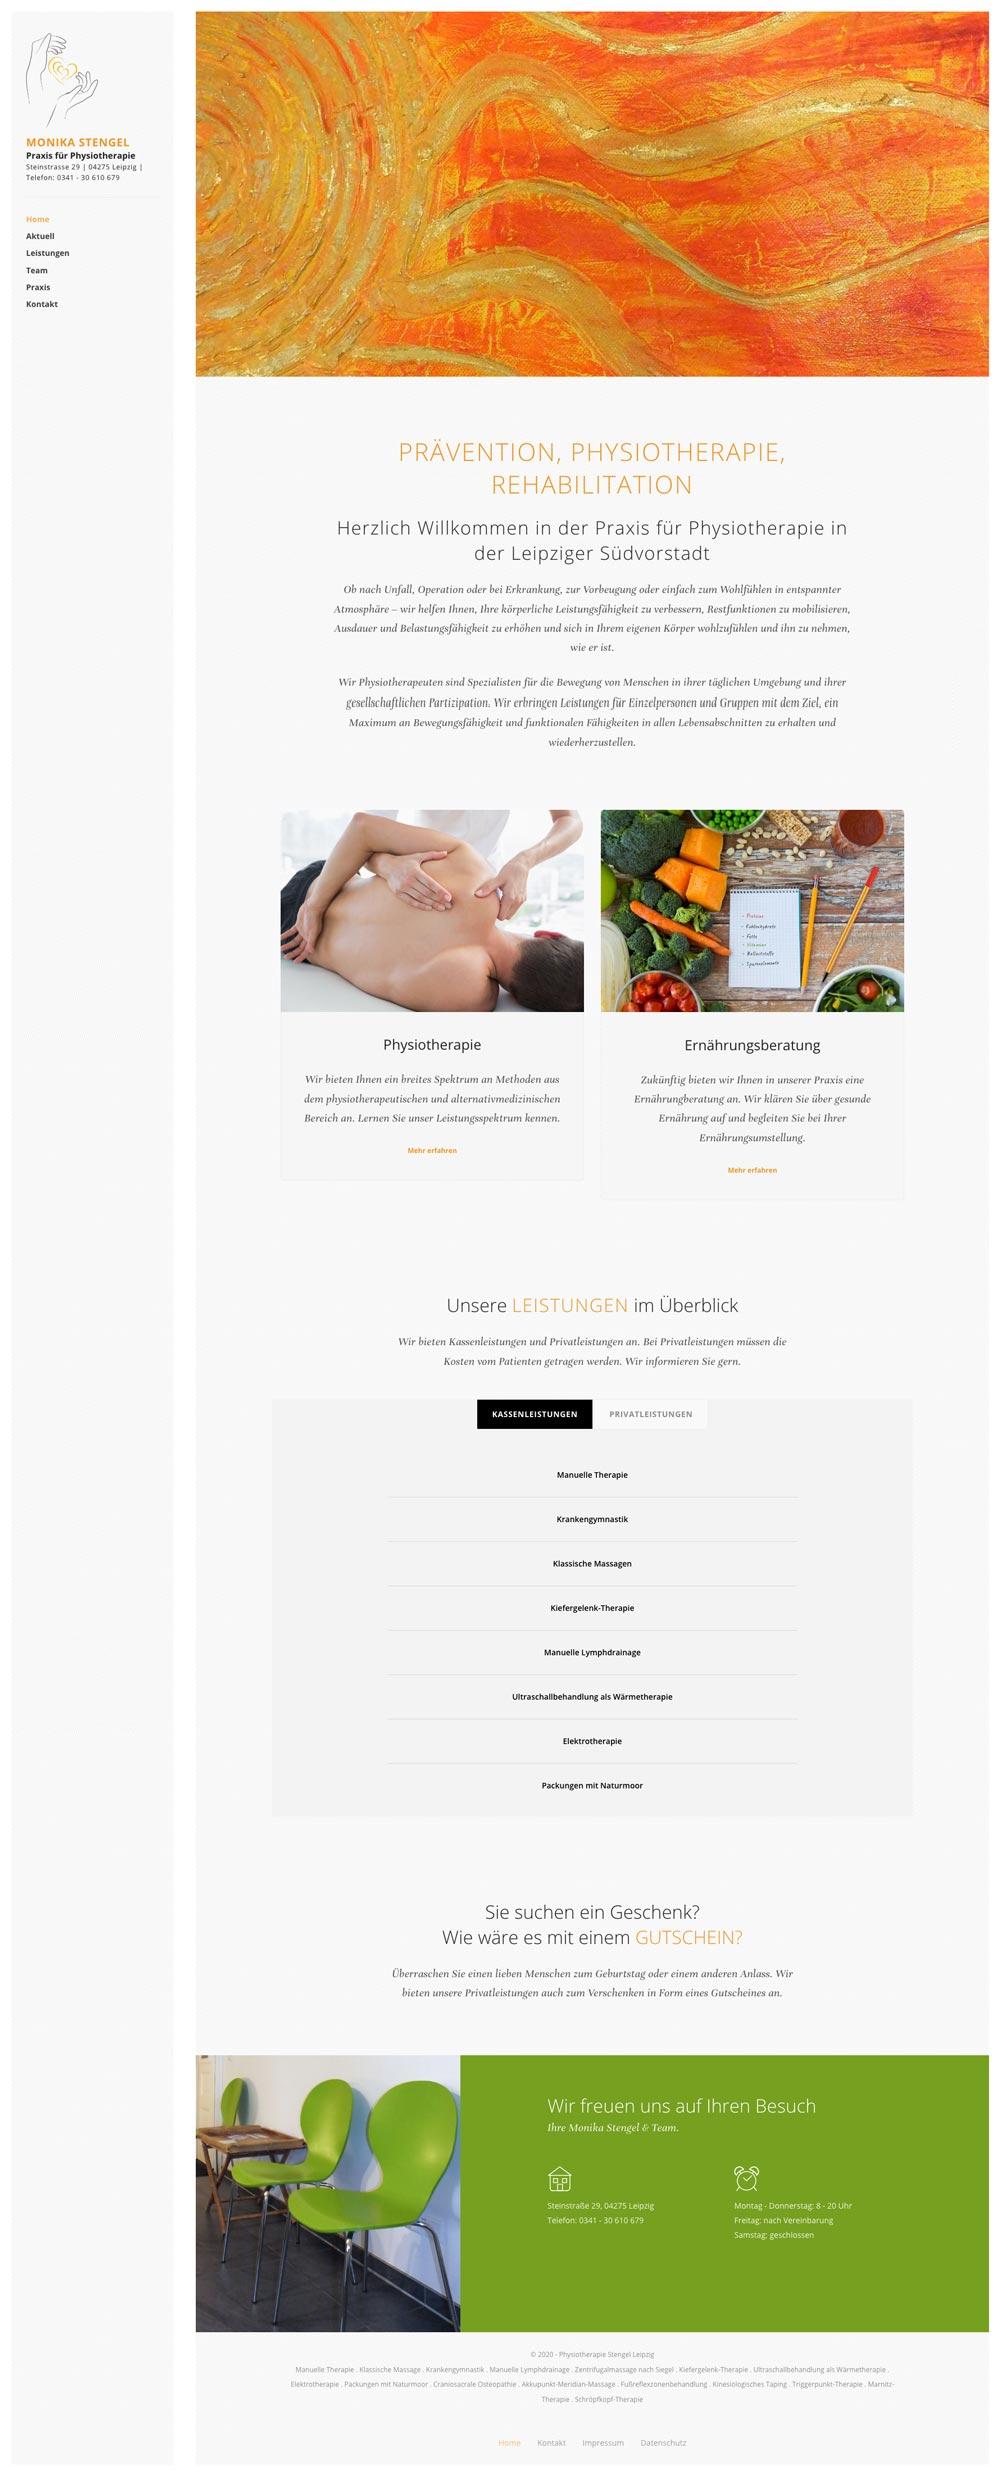 Abbild der Webseite für die Physiotherapie Praxis Monika Stengel